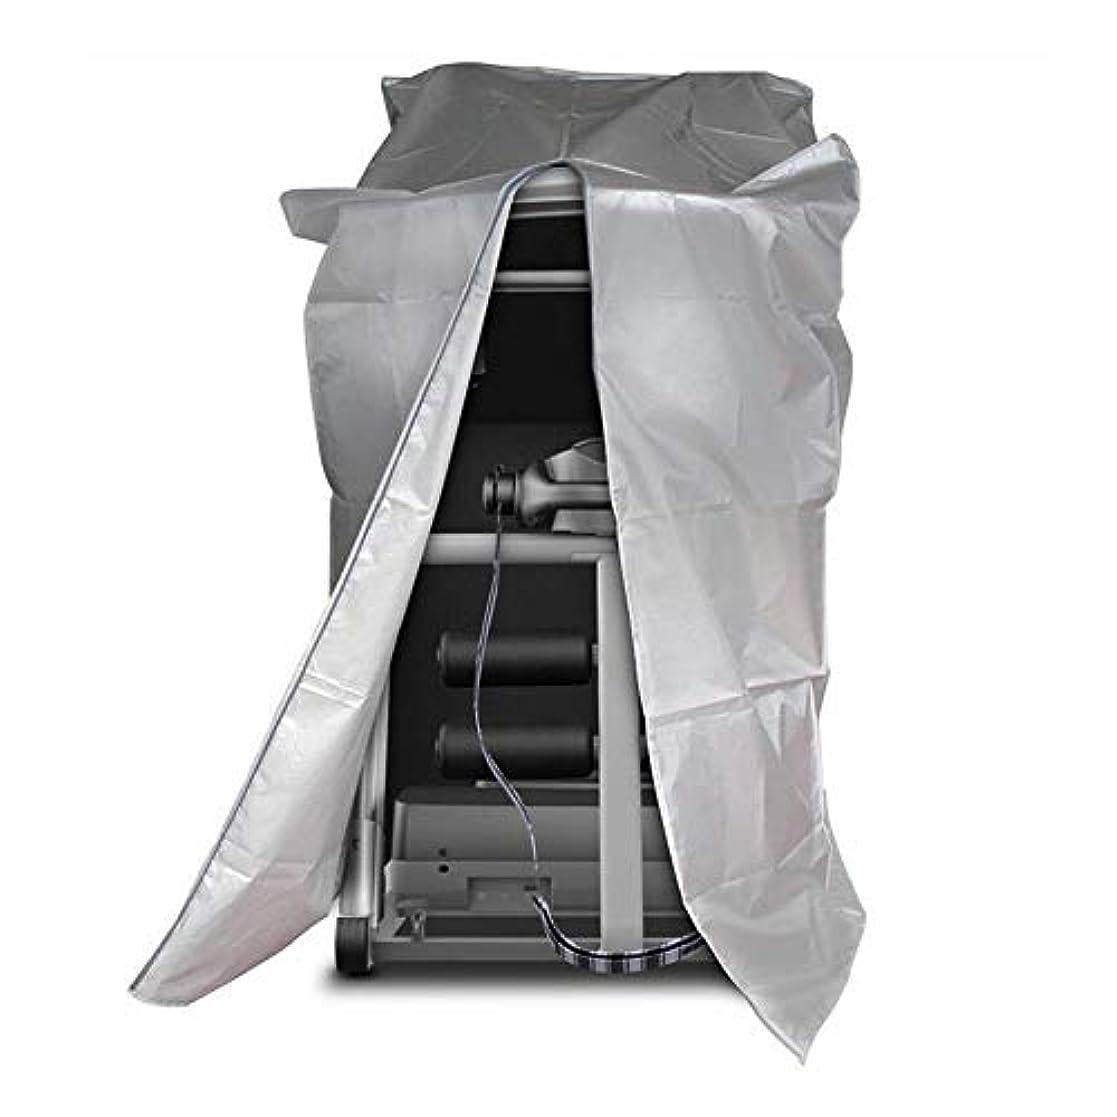 大使ペイント将来のZEMIN ターポリンタープ 家具 カバー ジムの設備 トレッドミル 防塵 シェード 防湿 保護 オックスフォード布 (色 : Gray, サイズ さいず : 88x79x157cm)